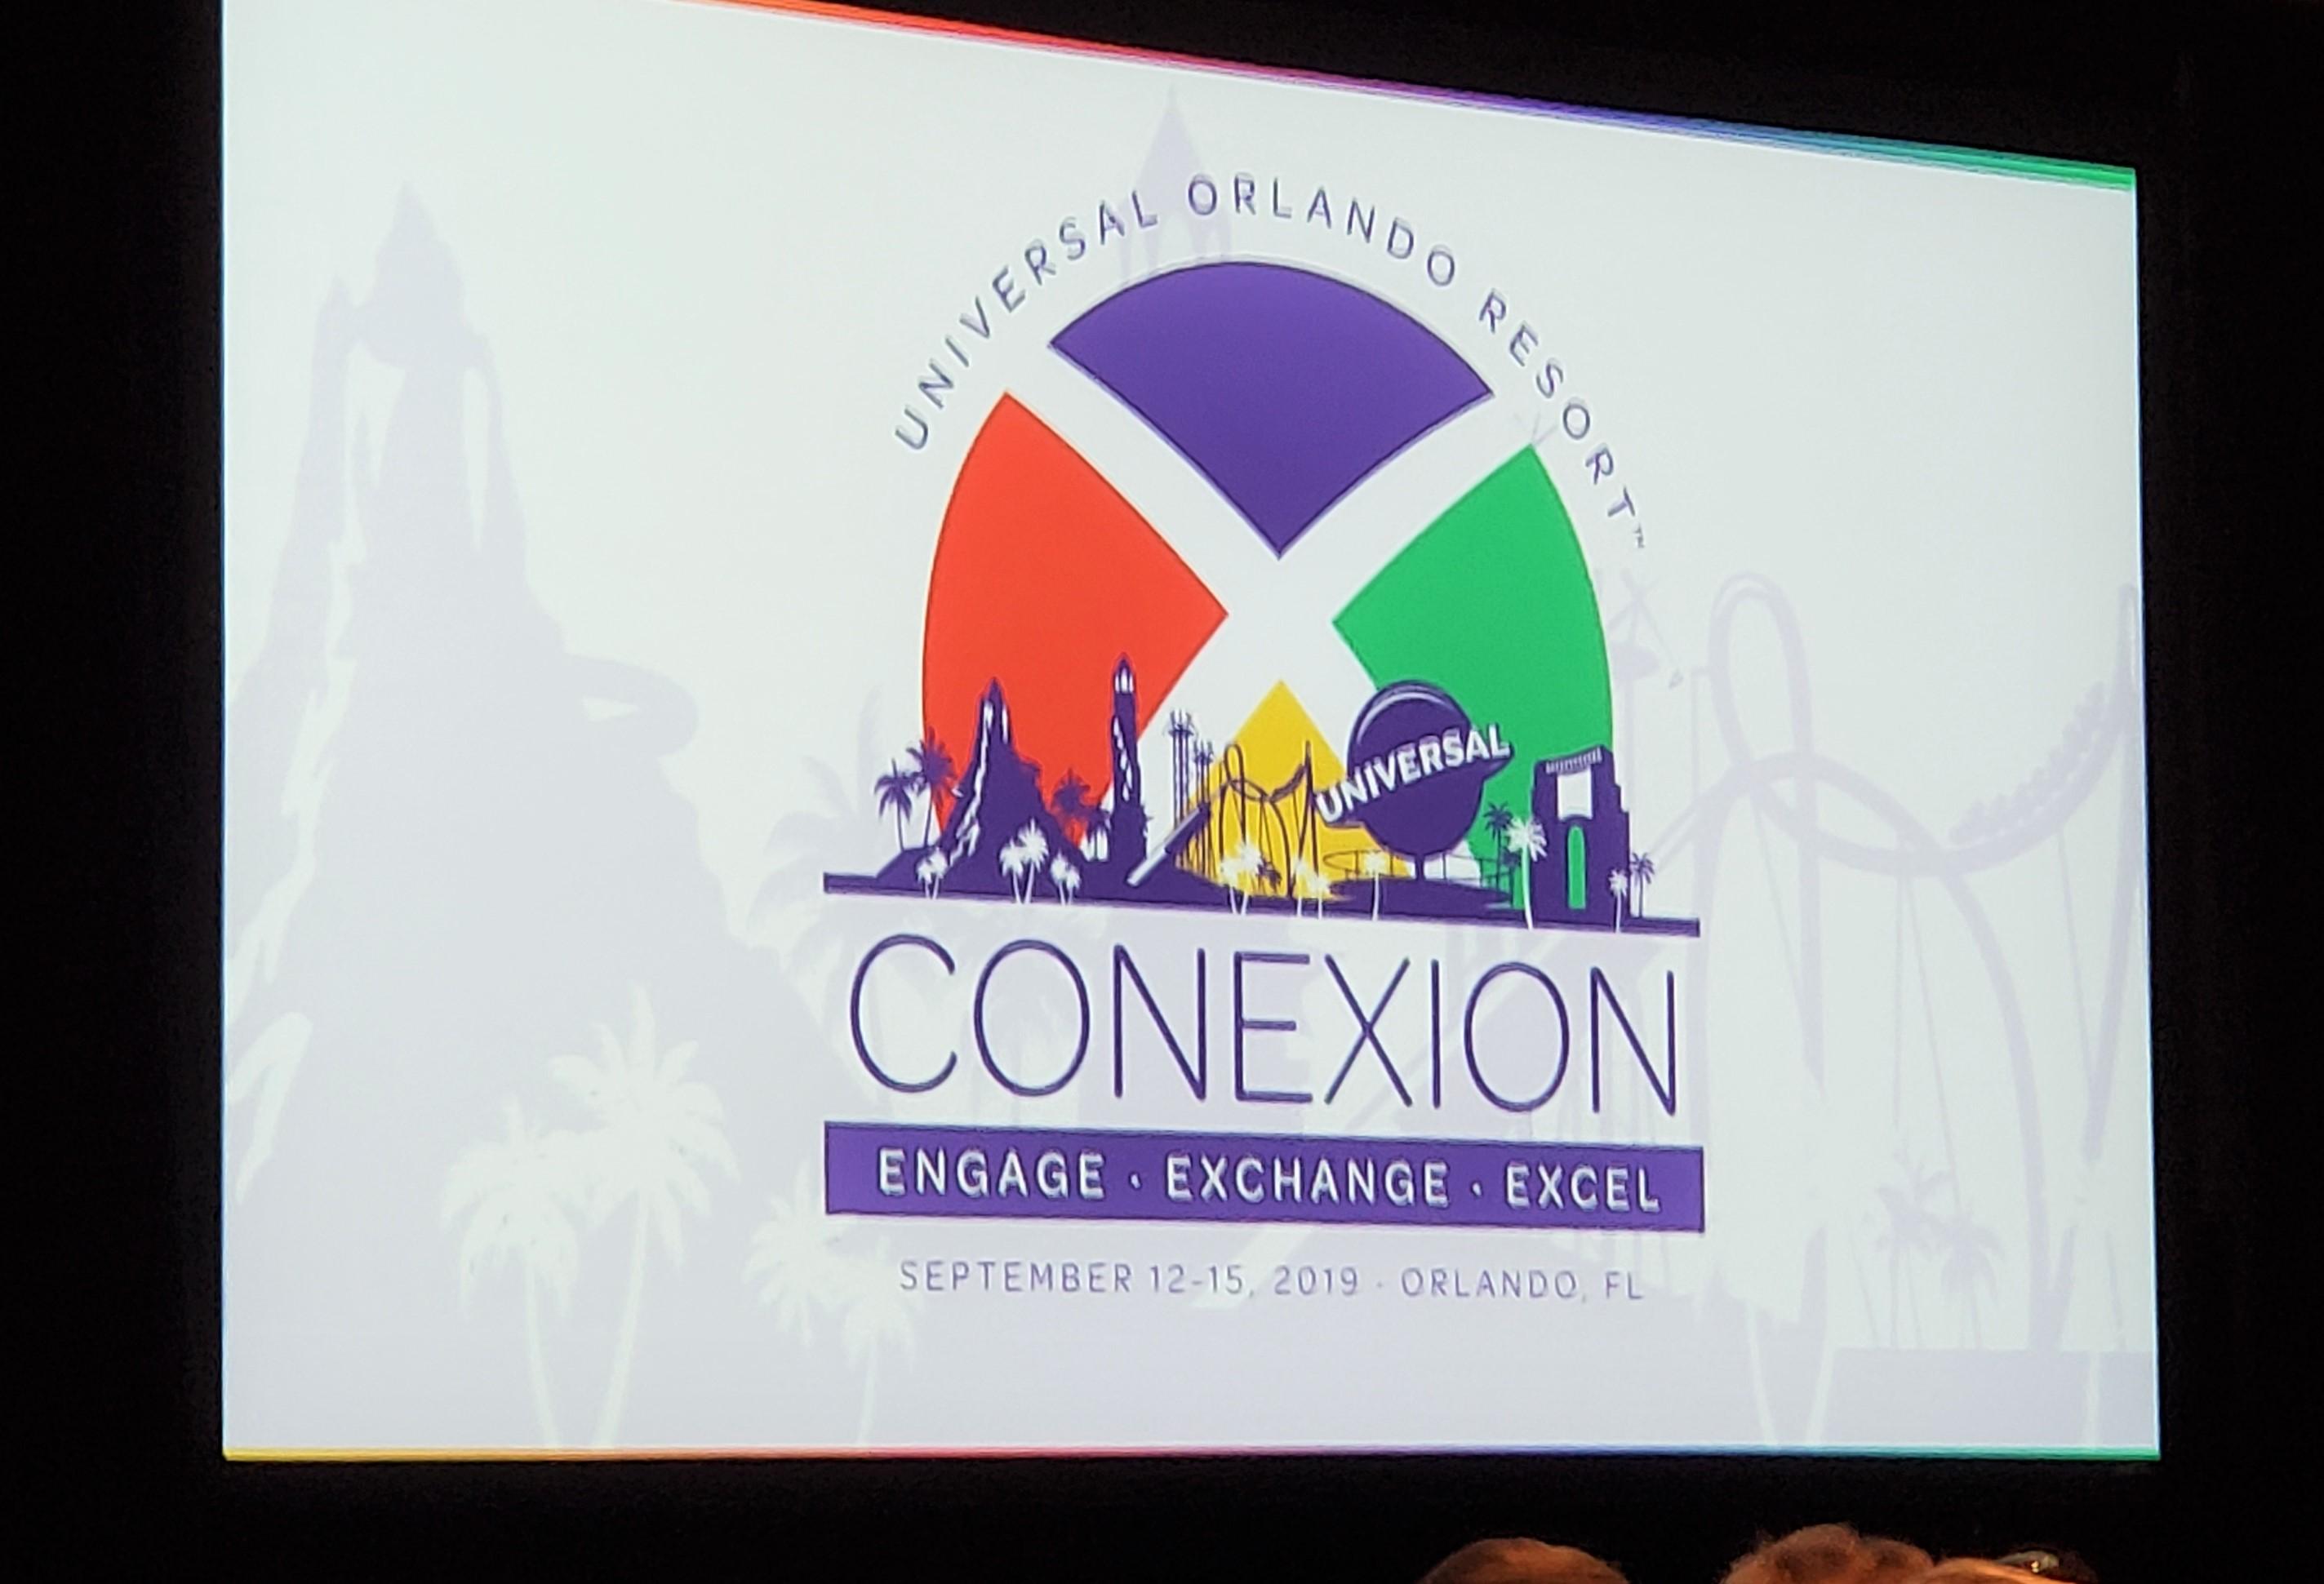 2019 CoNexion conference